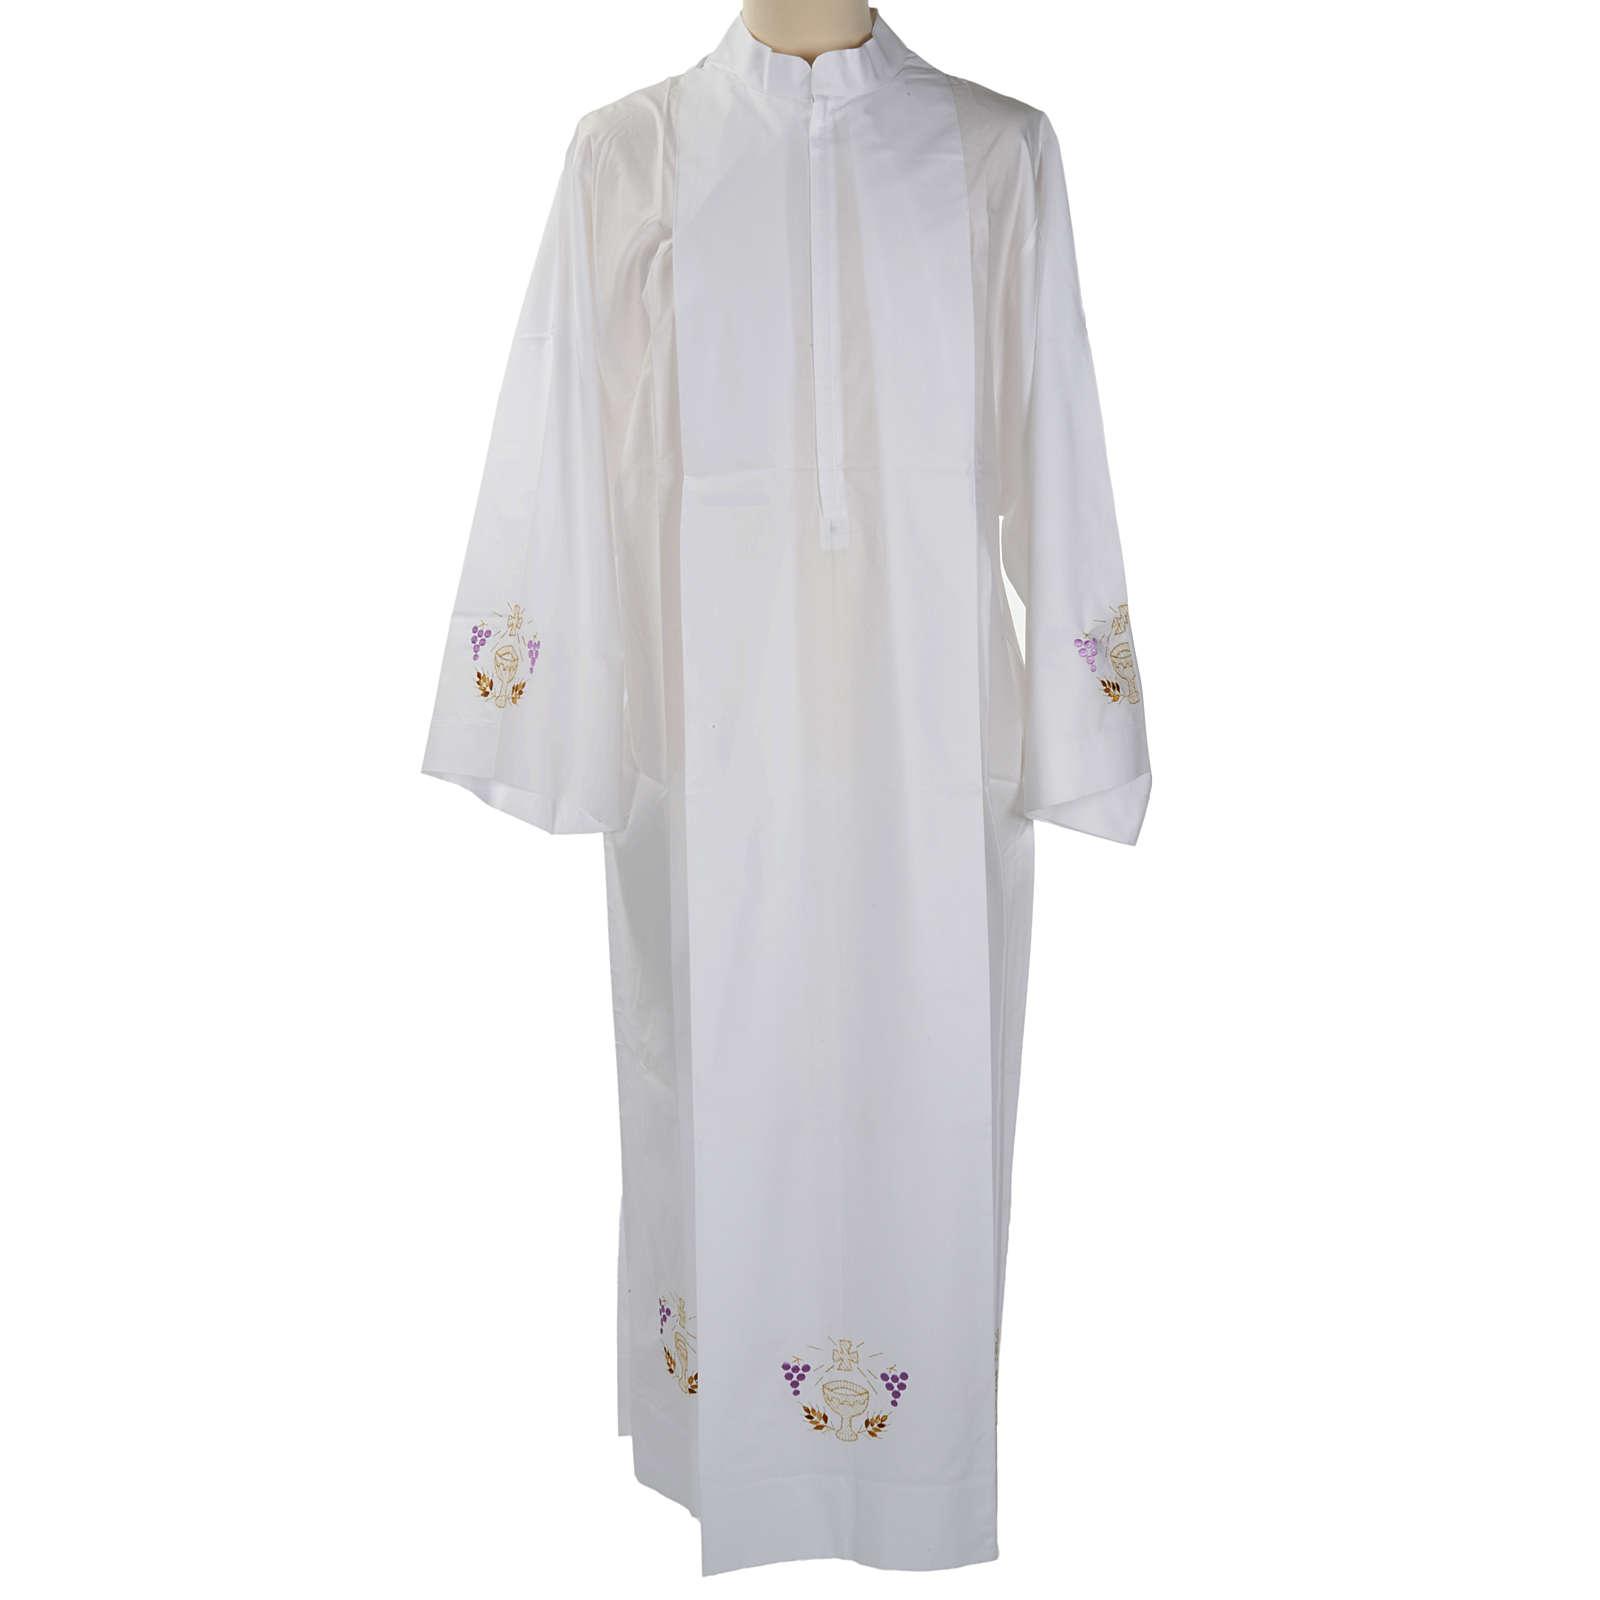 Camice bianco lana calice uva spighe 4